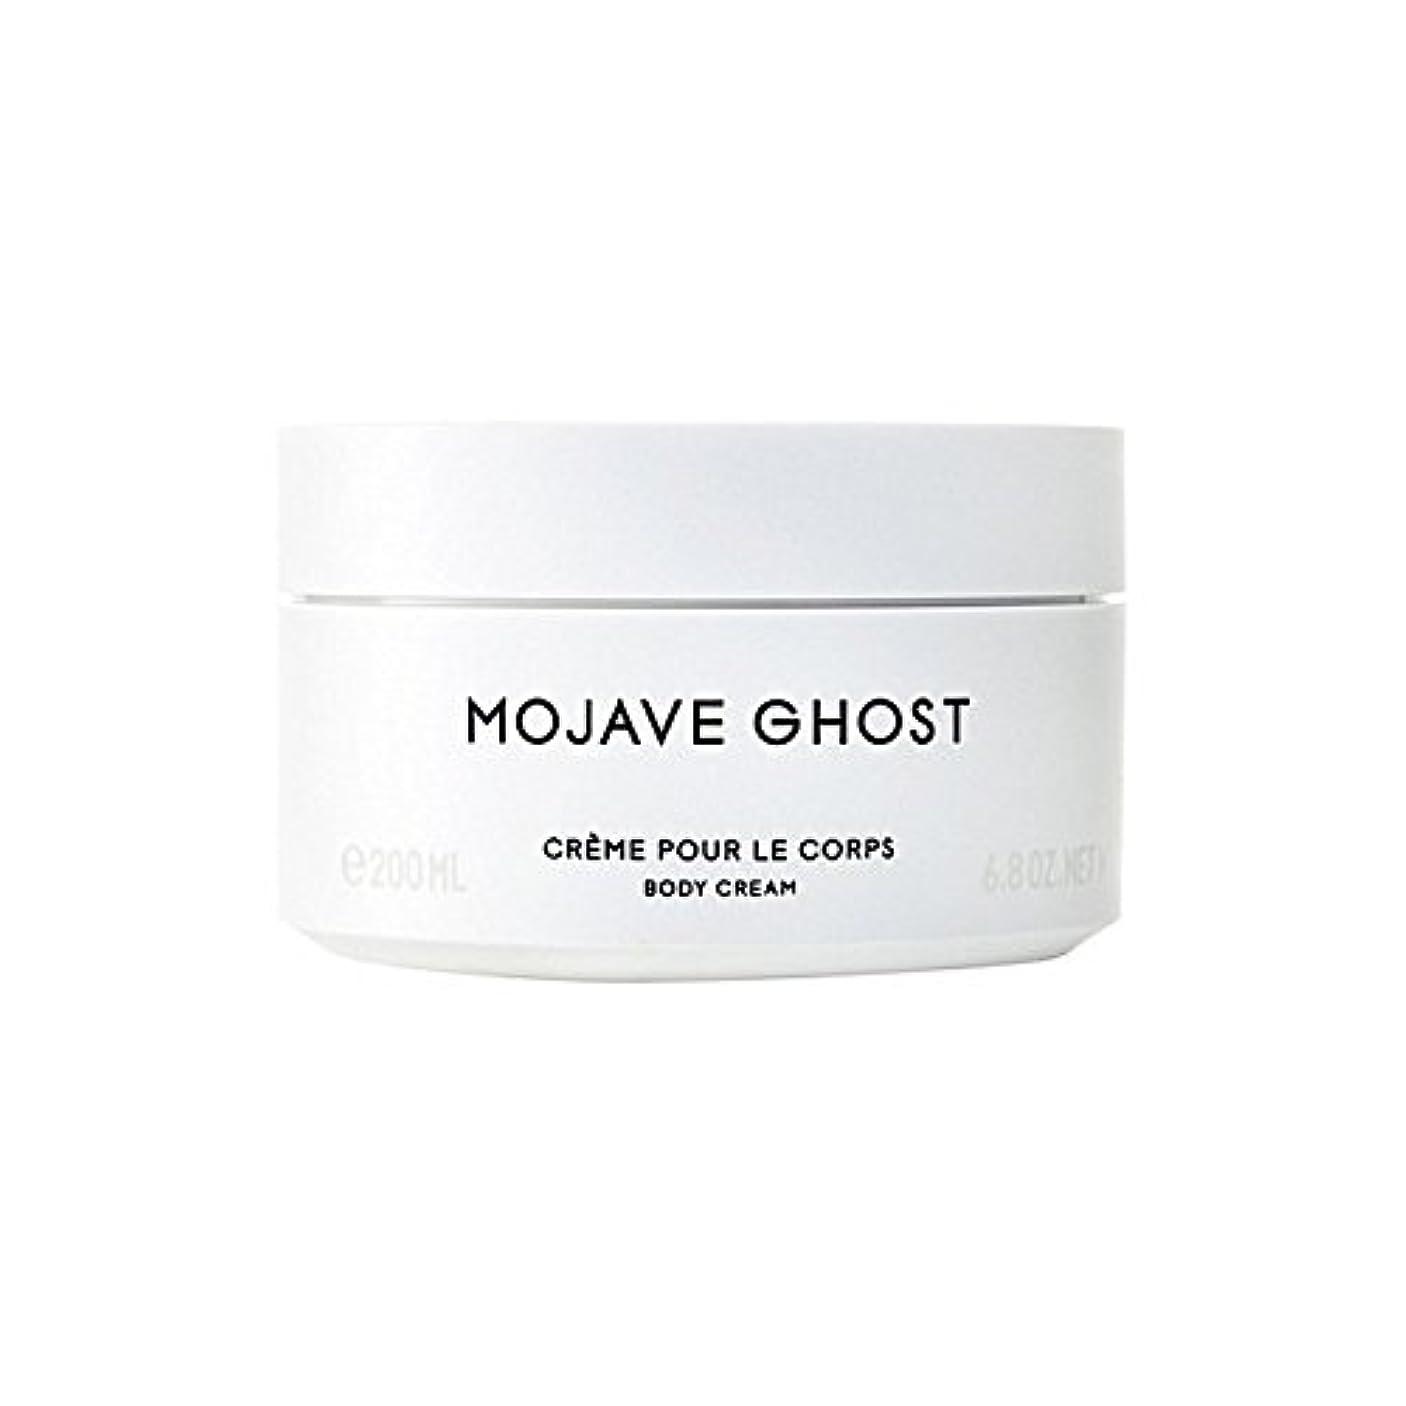 これまで泥沼ネックレスモハーベゴーストボディクリーム200ミリリットル x2 - Byredo Mojave Ghost Body Cream 200ml (Pack of 2) [並行輸入品]